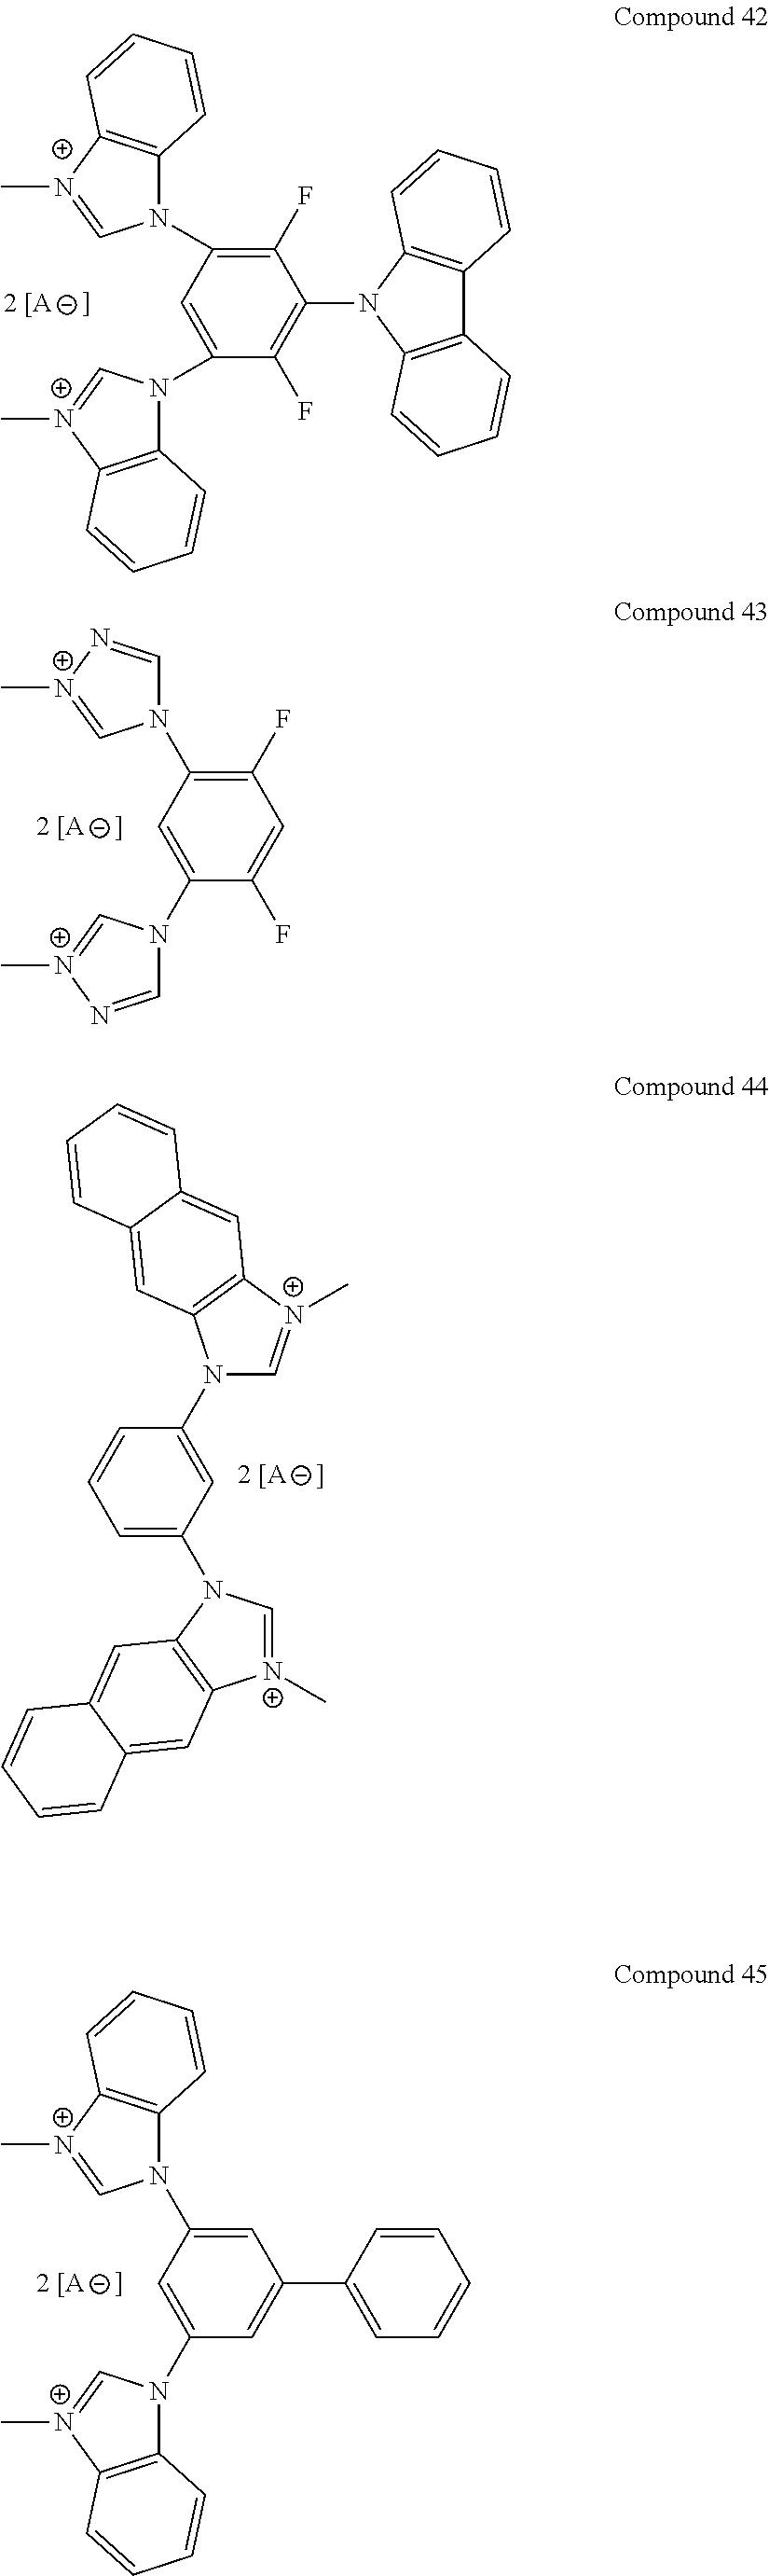 Figure US08563737-20131022-C00016